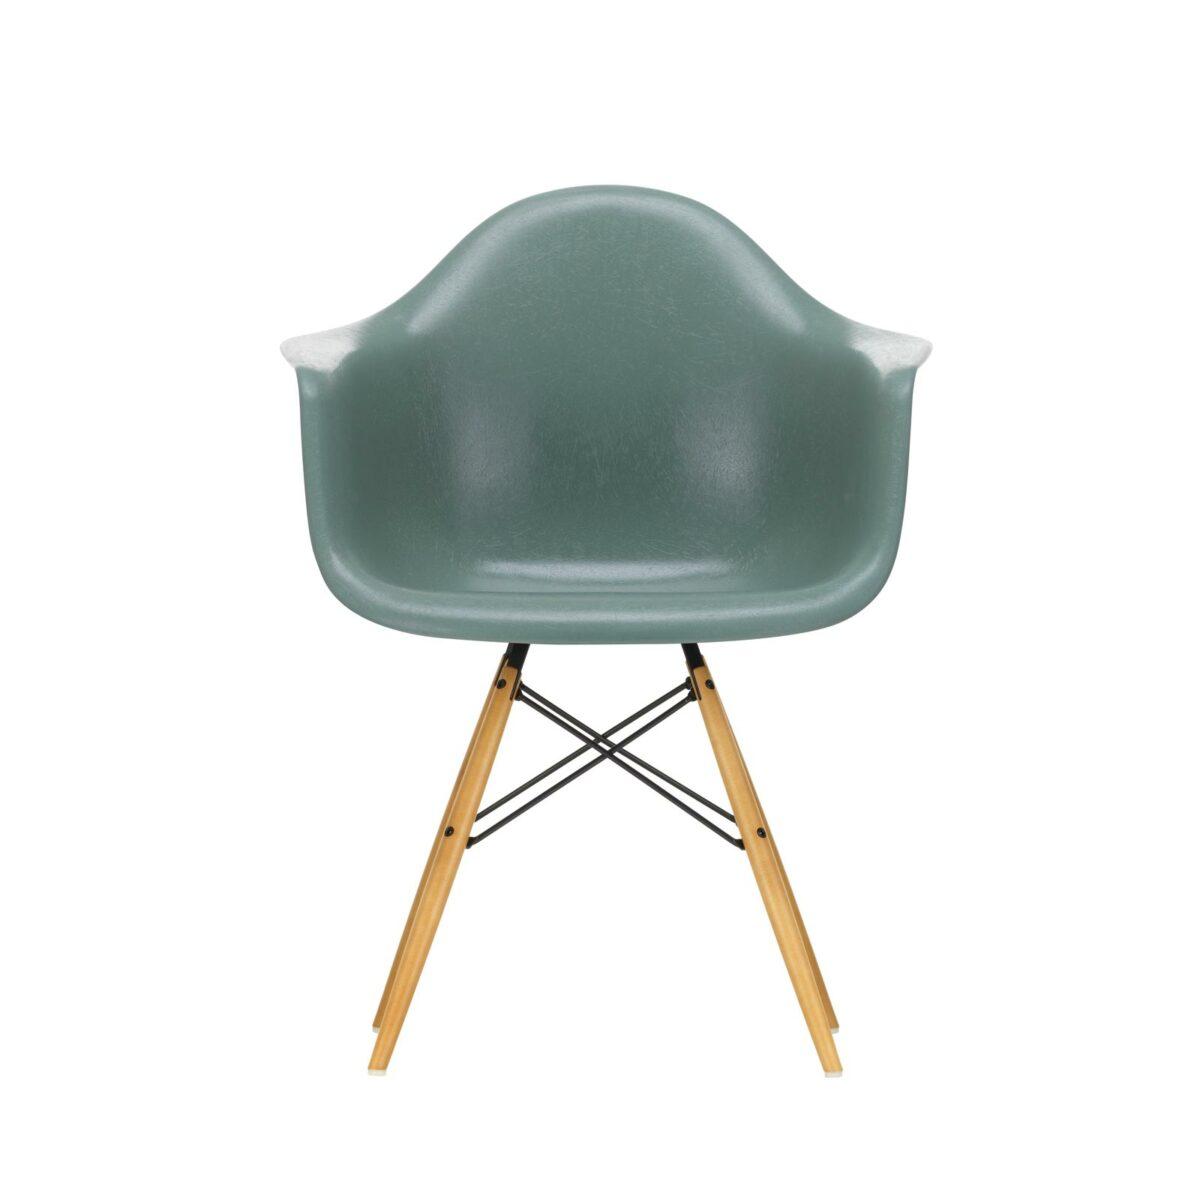 3345730 Eames Fiberglass Armchair DAW 05 sea foam green 02 golden maple centre master